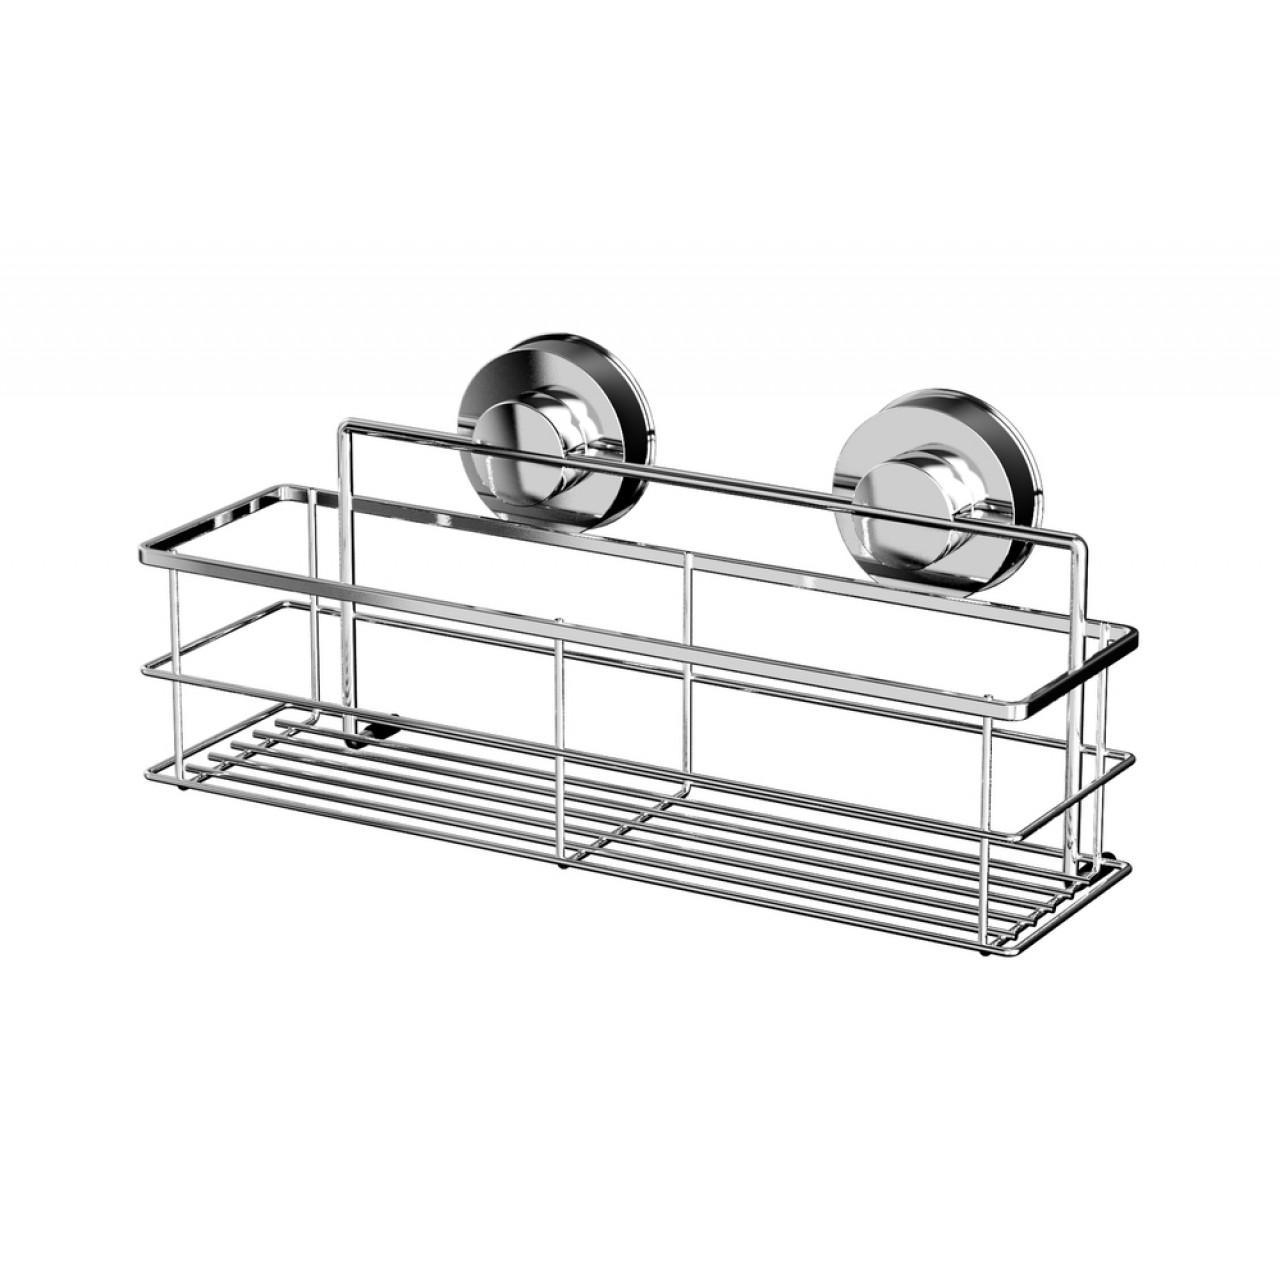 Полка-решётка Ridder 12010200 высокая 300*105 mm купить в Москве по цене от 2992р. в интернет-магазине mebel-v-vannu.ru